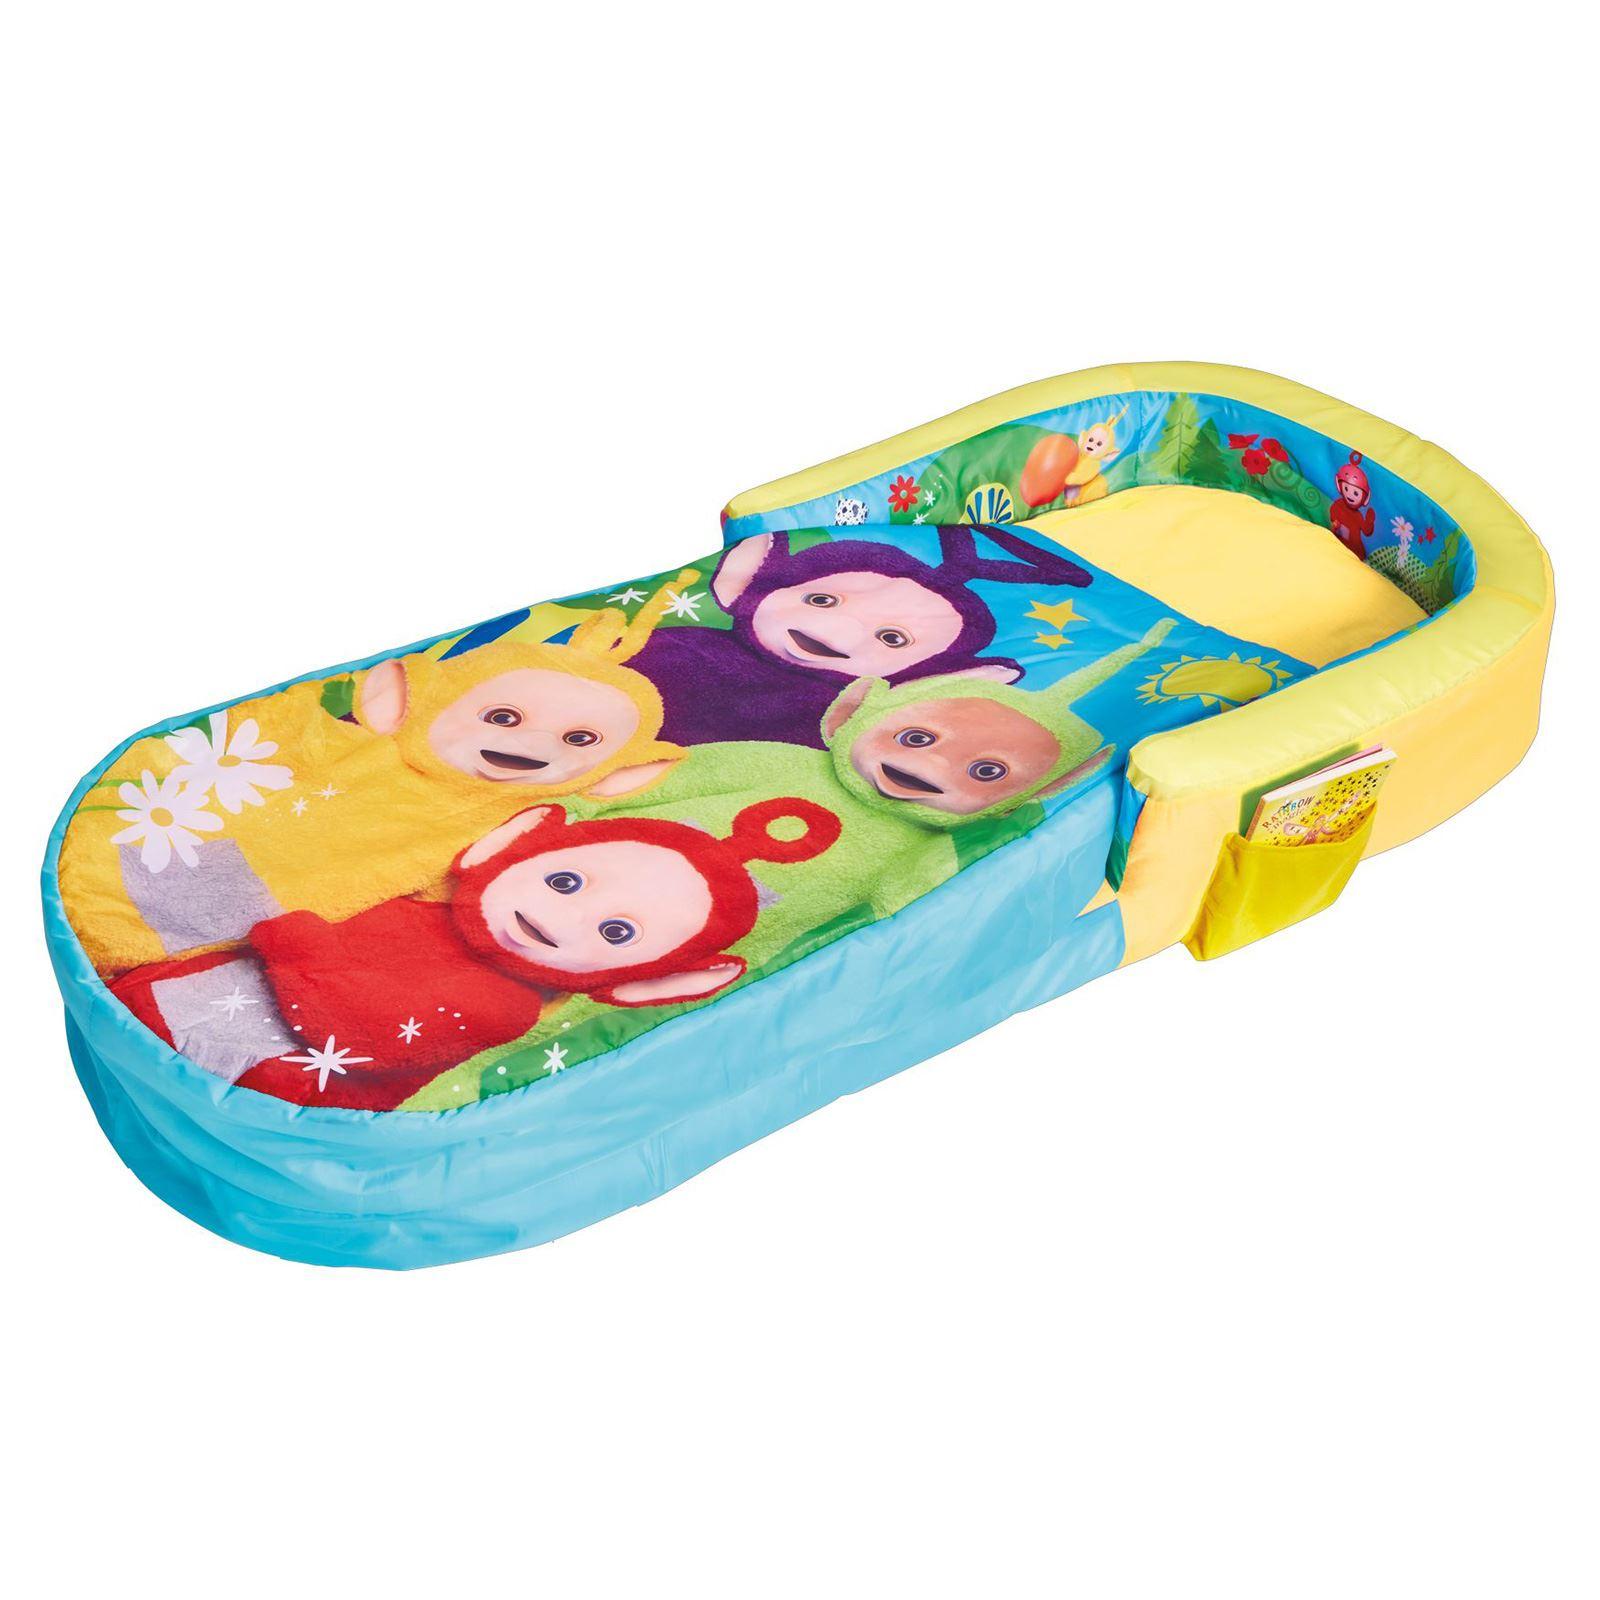 Bambini-Pronto-Letto-Gonfiabile-Aria-Campeggio-Pigiama-Party-Personaggio-Disney